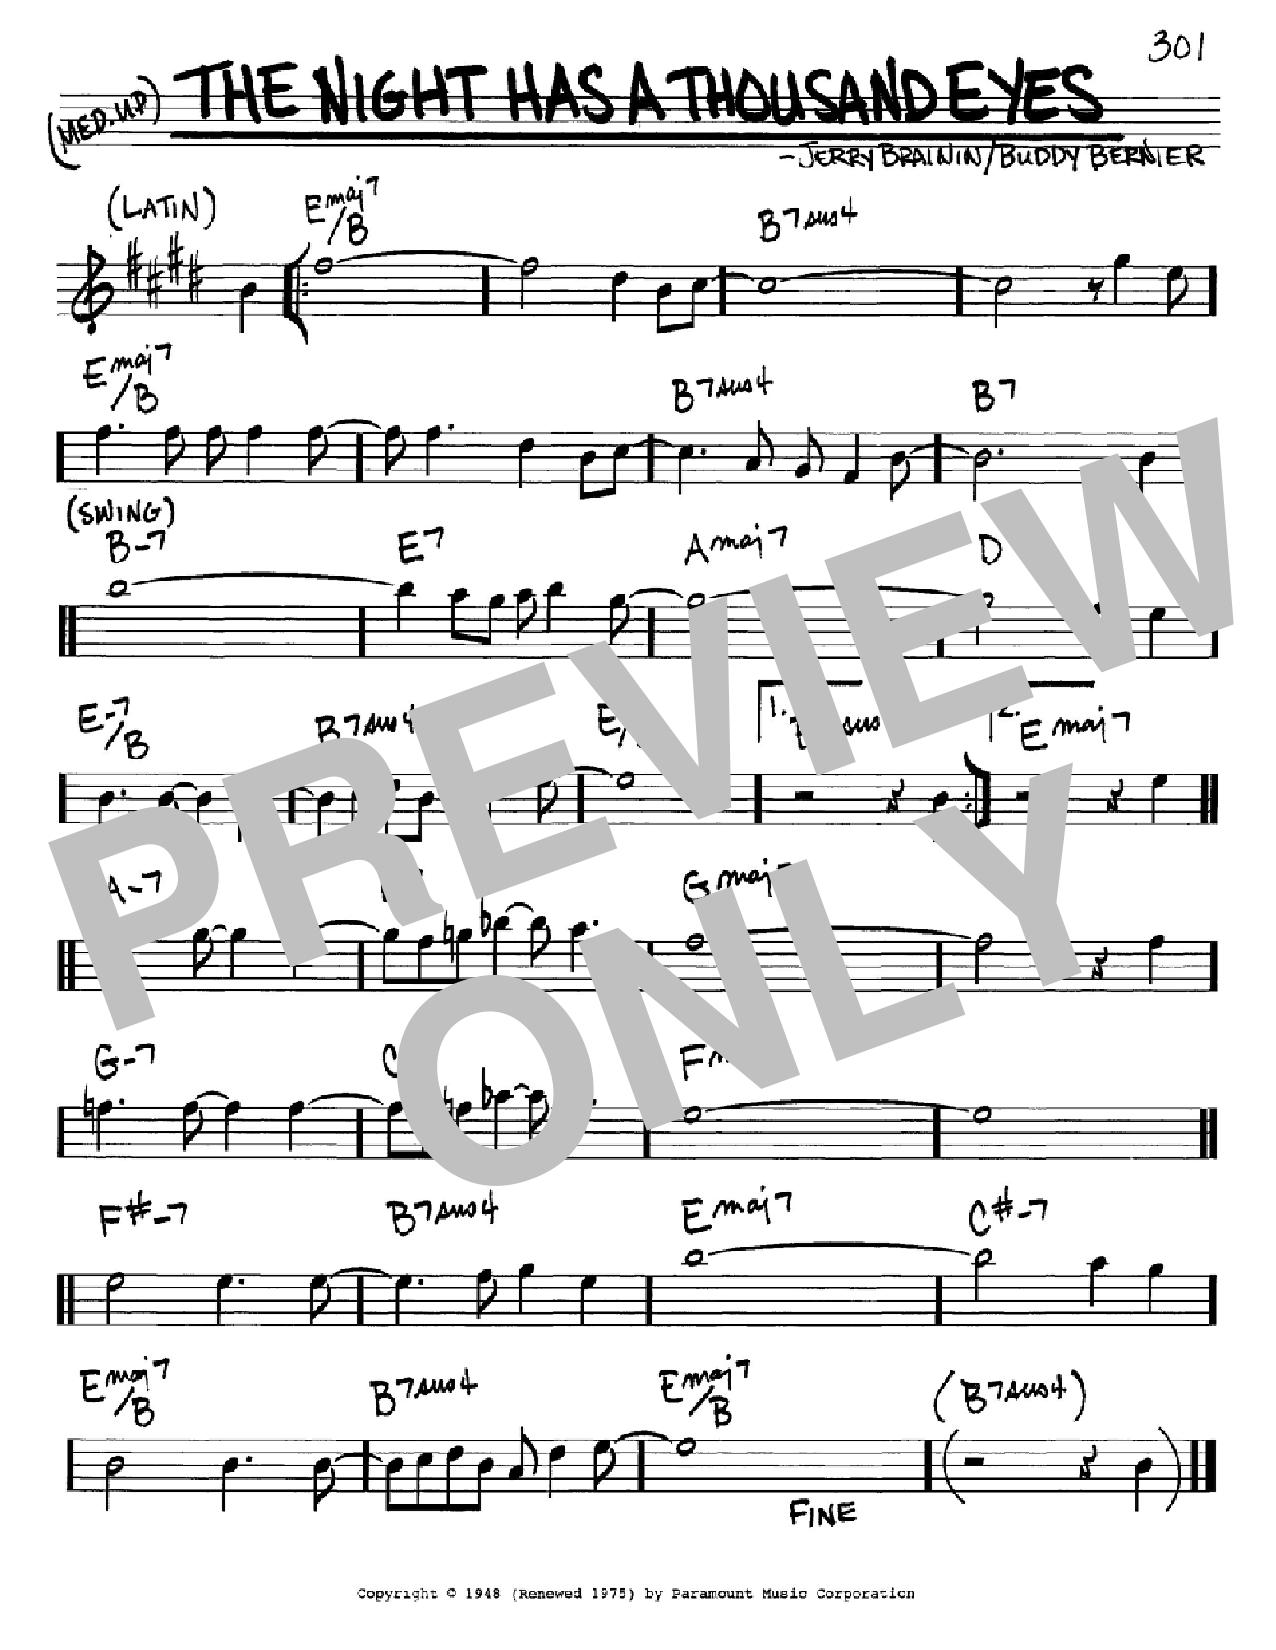 Partition autre The Night Has A Thousand Eyes de Buddy Bernier - Real Book, Melodie et Accords, Inst. En Mib